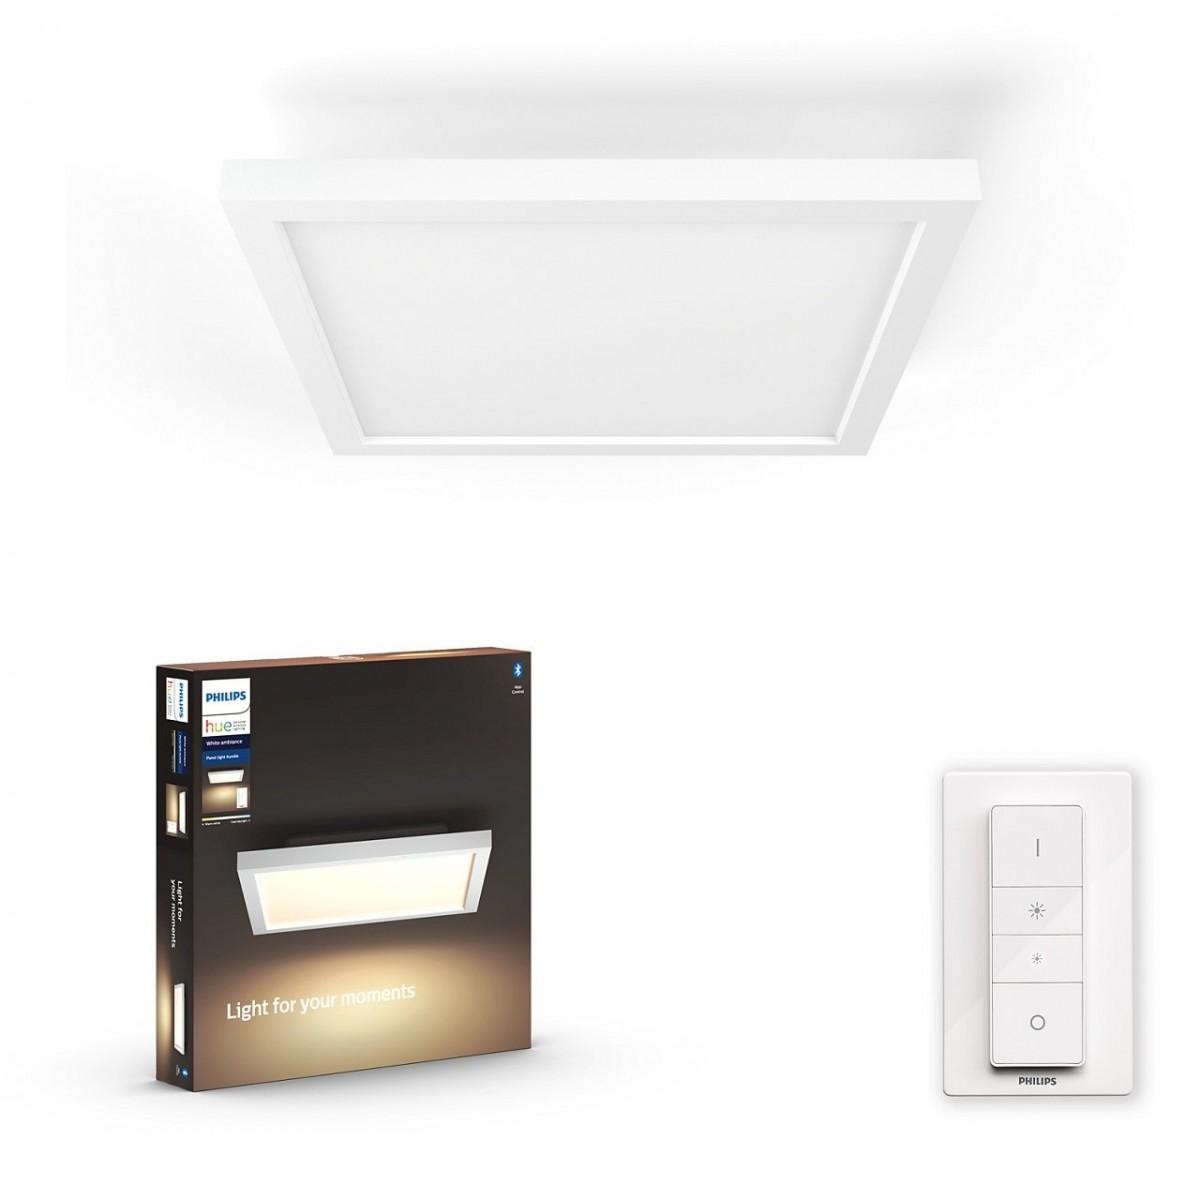 Philips Hue 32161/31/P6 LED stropní panel Aurelle 1x24,5W   2200-6500K - Bluetooth, s dálkovým ovladačem